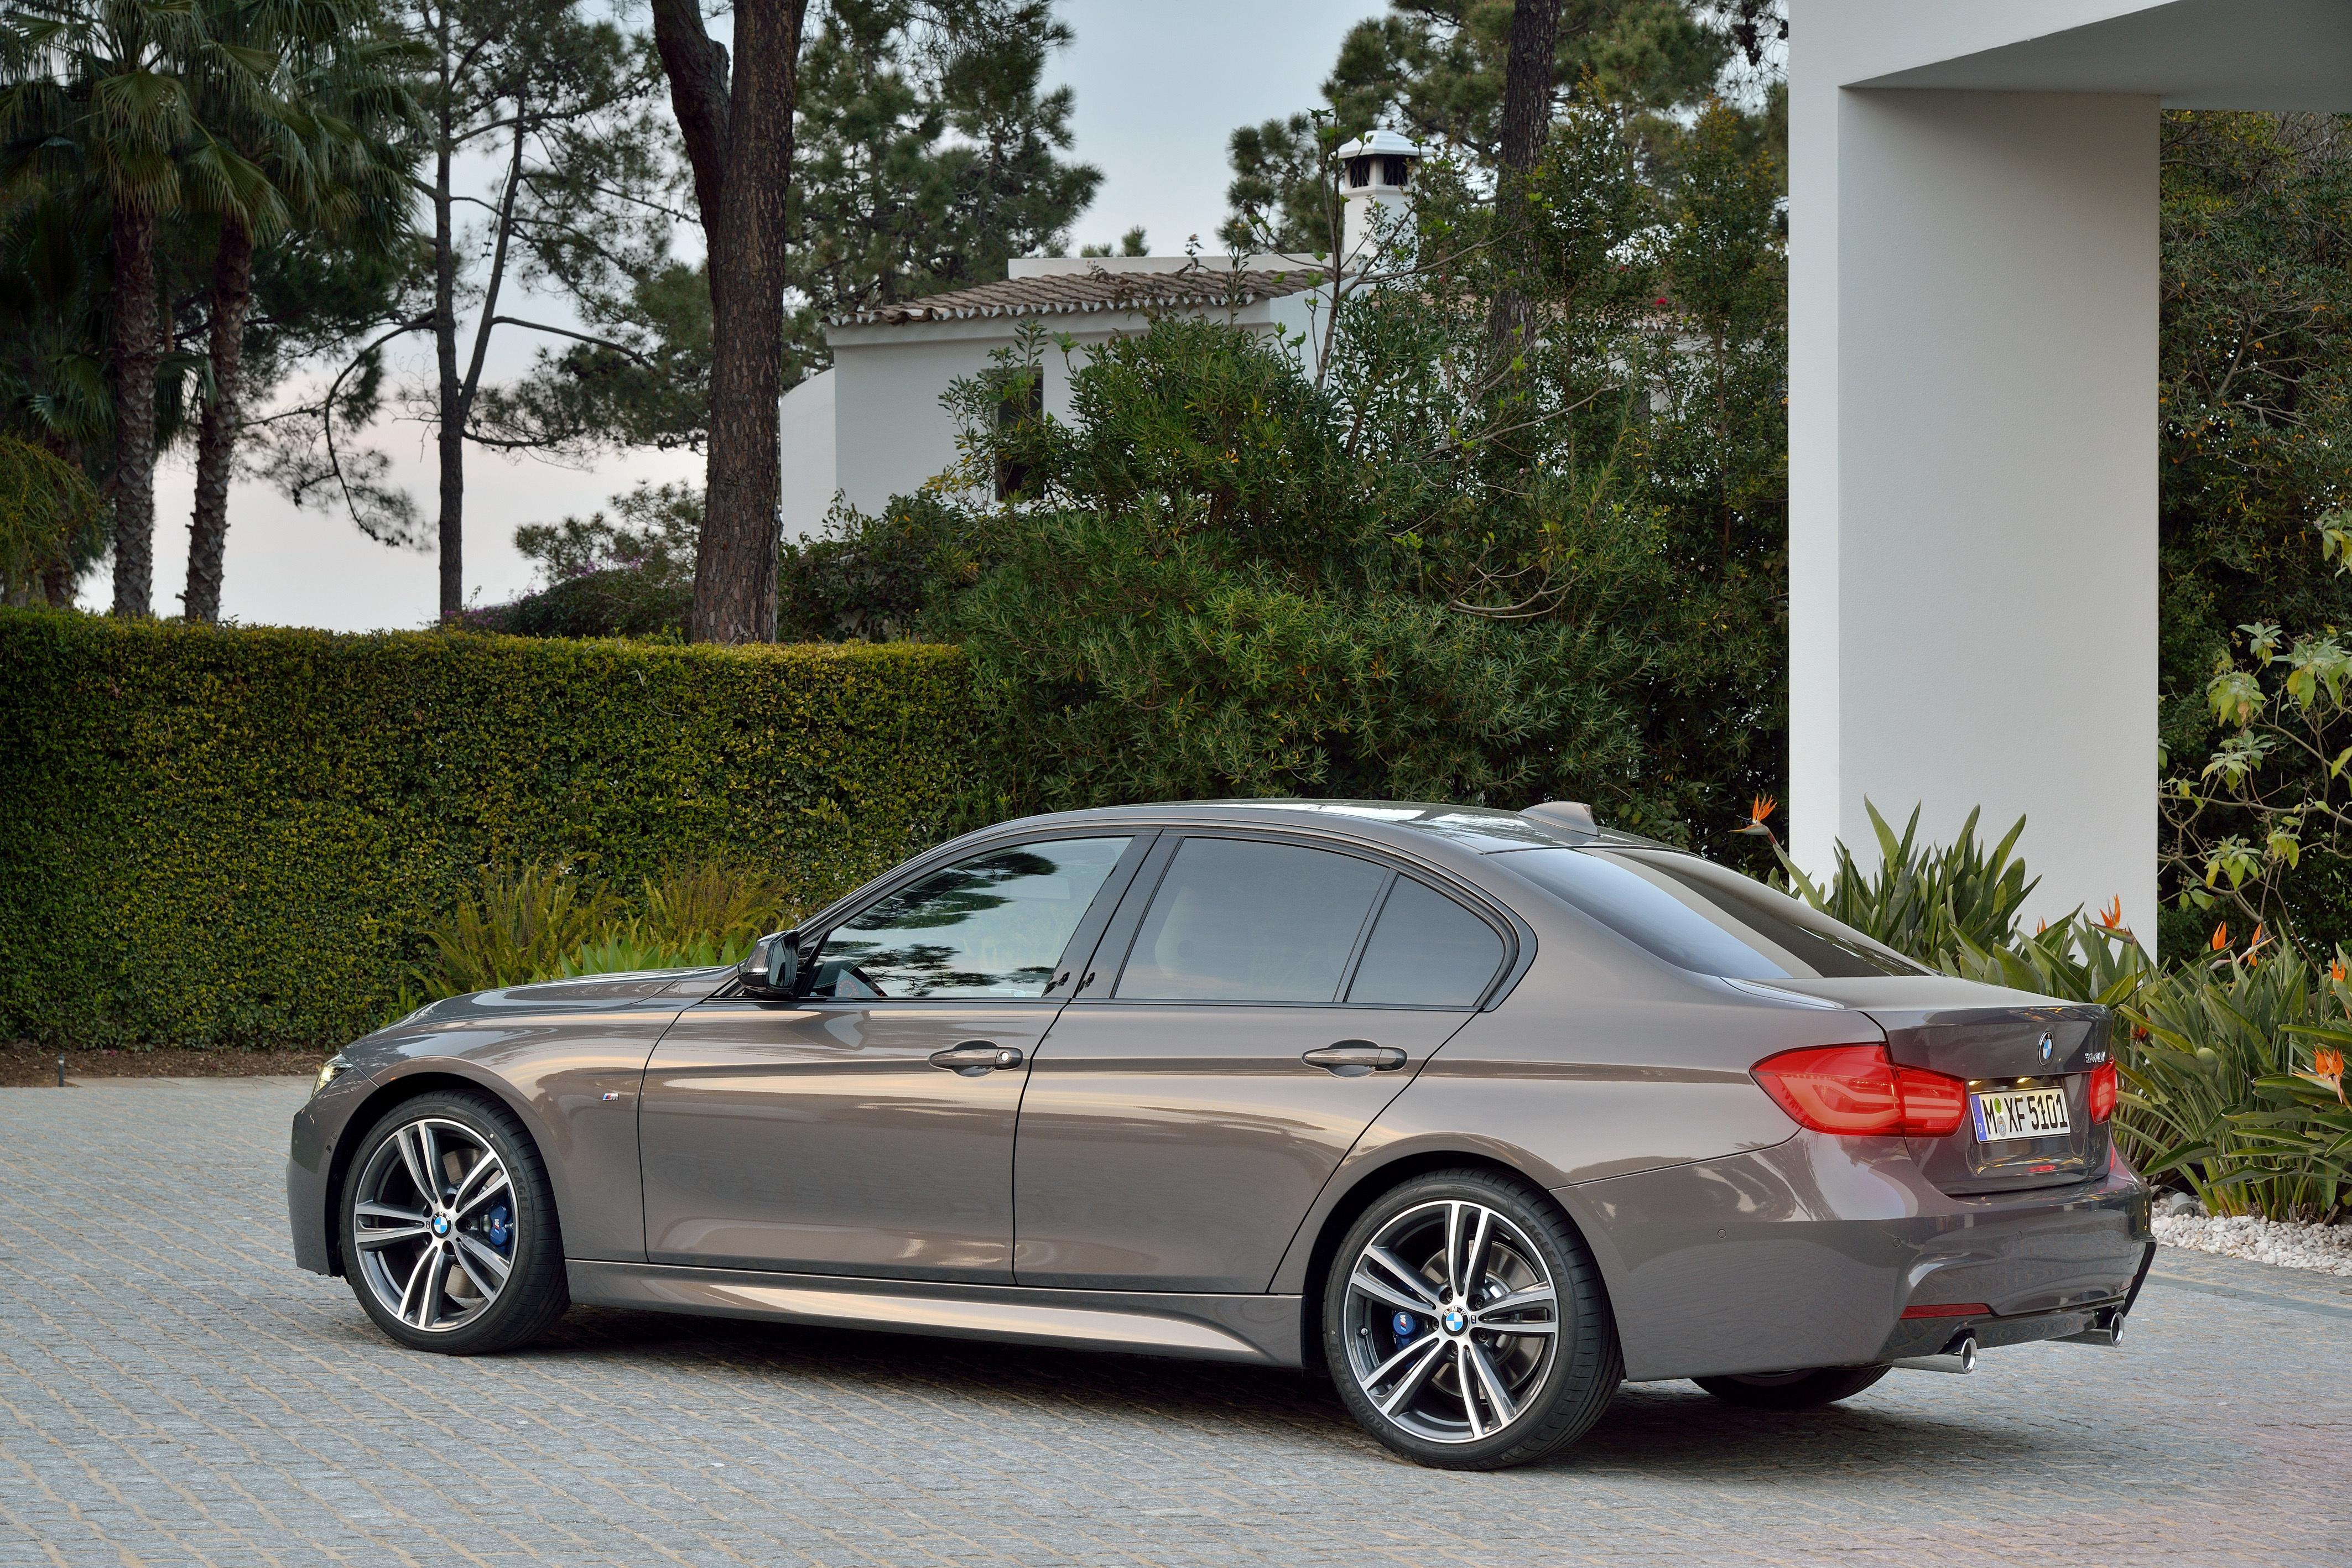 BMW IndividualボディカラーなMスポーツベースの320iセダン,320dセダン・ツーリング,420iグランクーペが関西地区限定モデルStyleMeister(スタイルマイスター)として限定140台で販売開始!車種別の限定台数とスペシャルなボディカラーの内訳は?